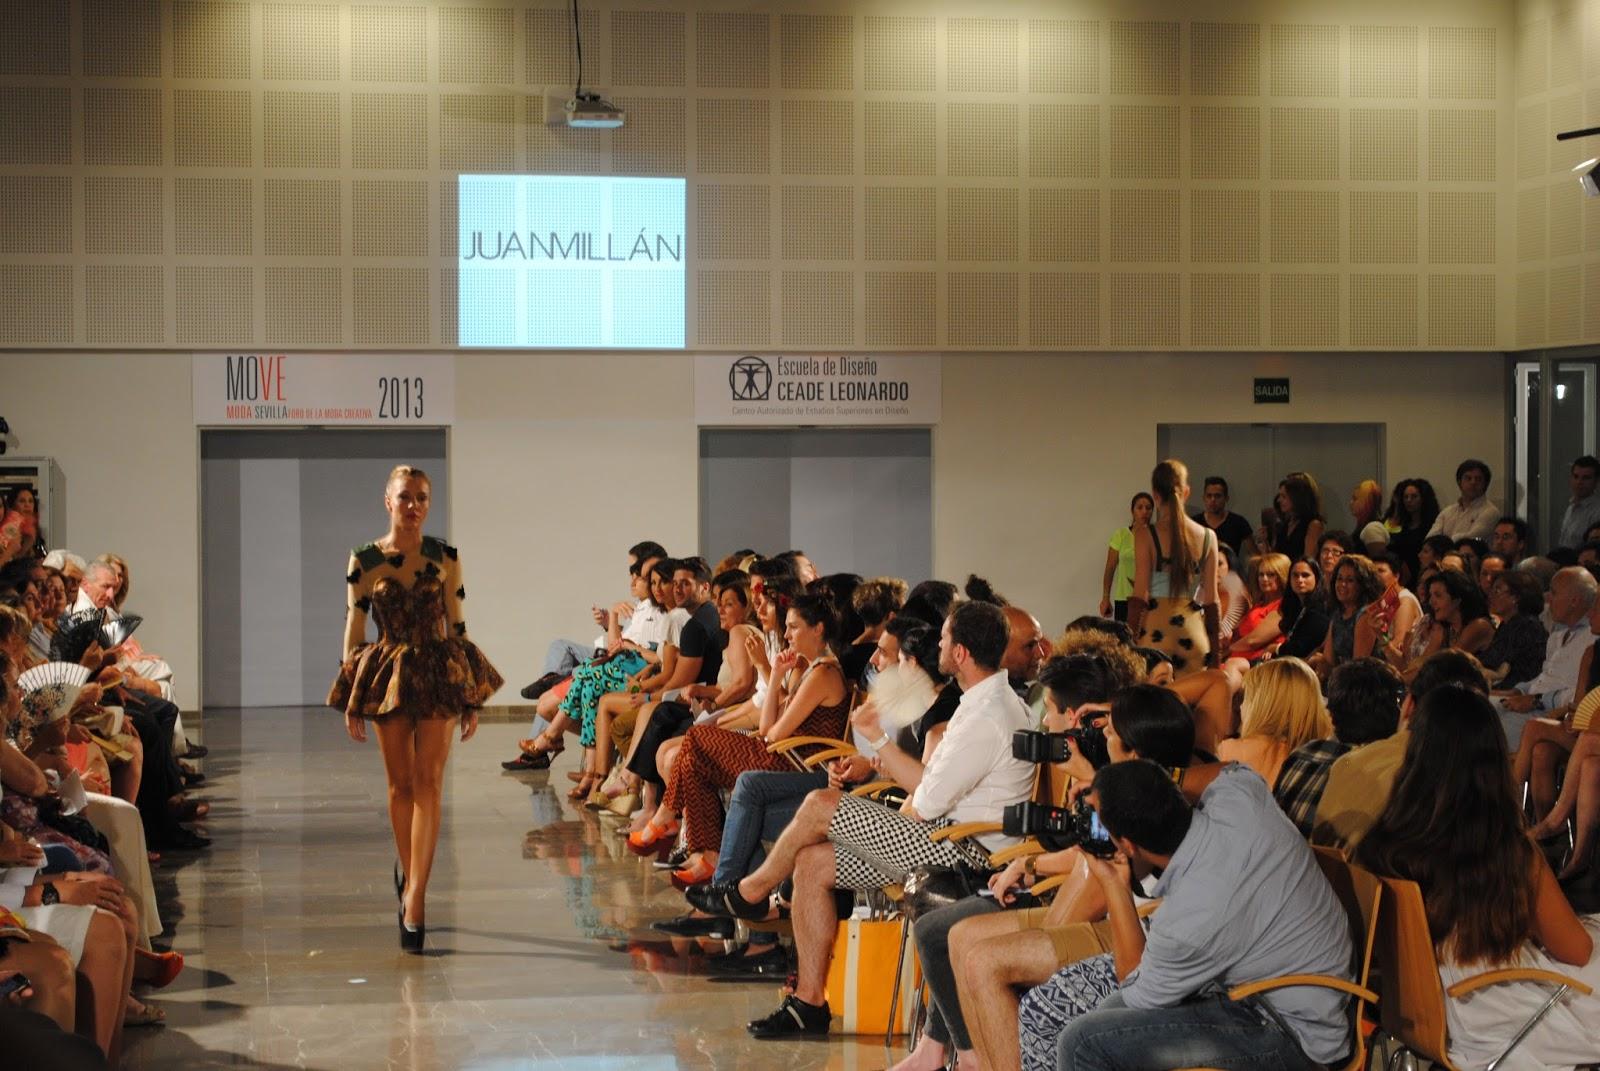 Actualidad move moda sevilla 2013 dise adores amanda - Disenadores de sevilla ...